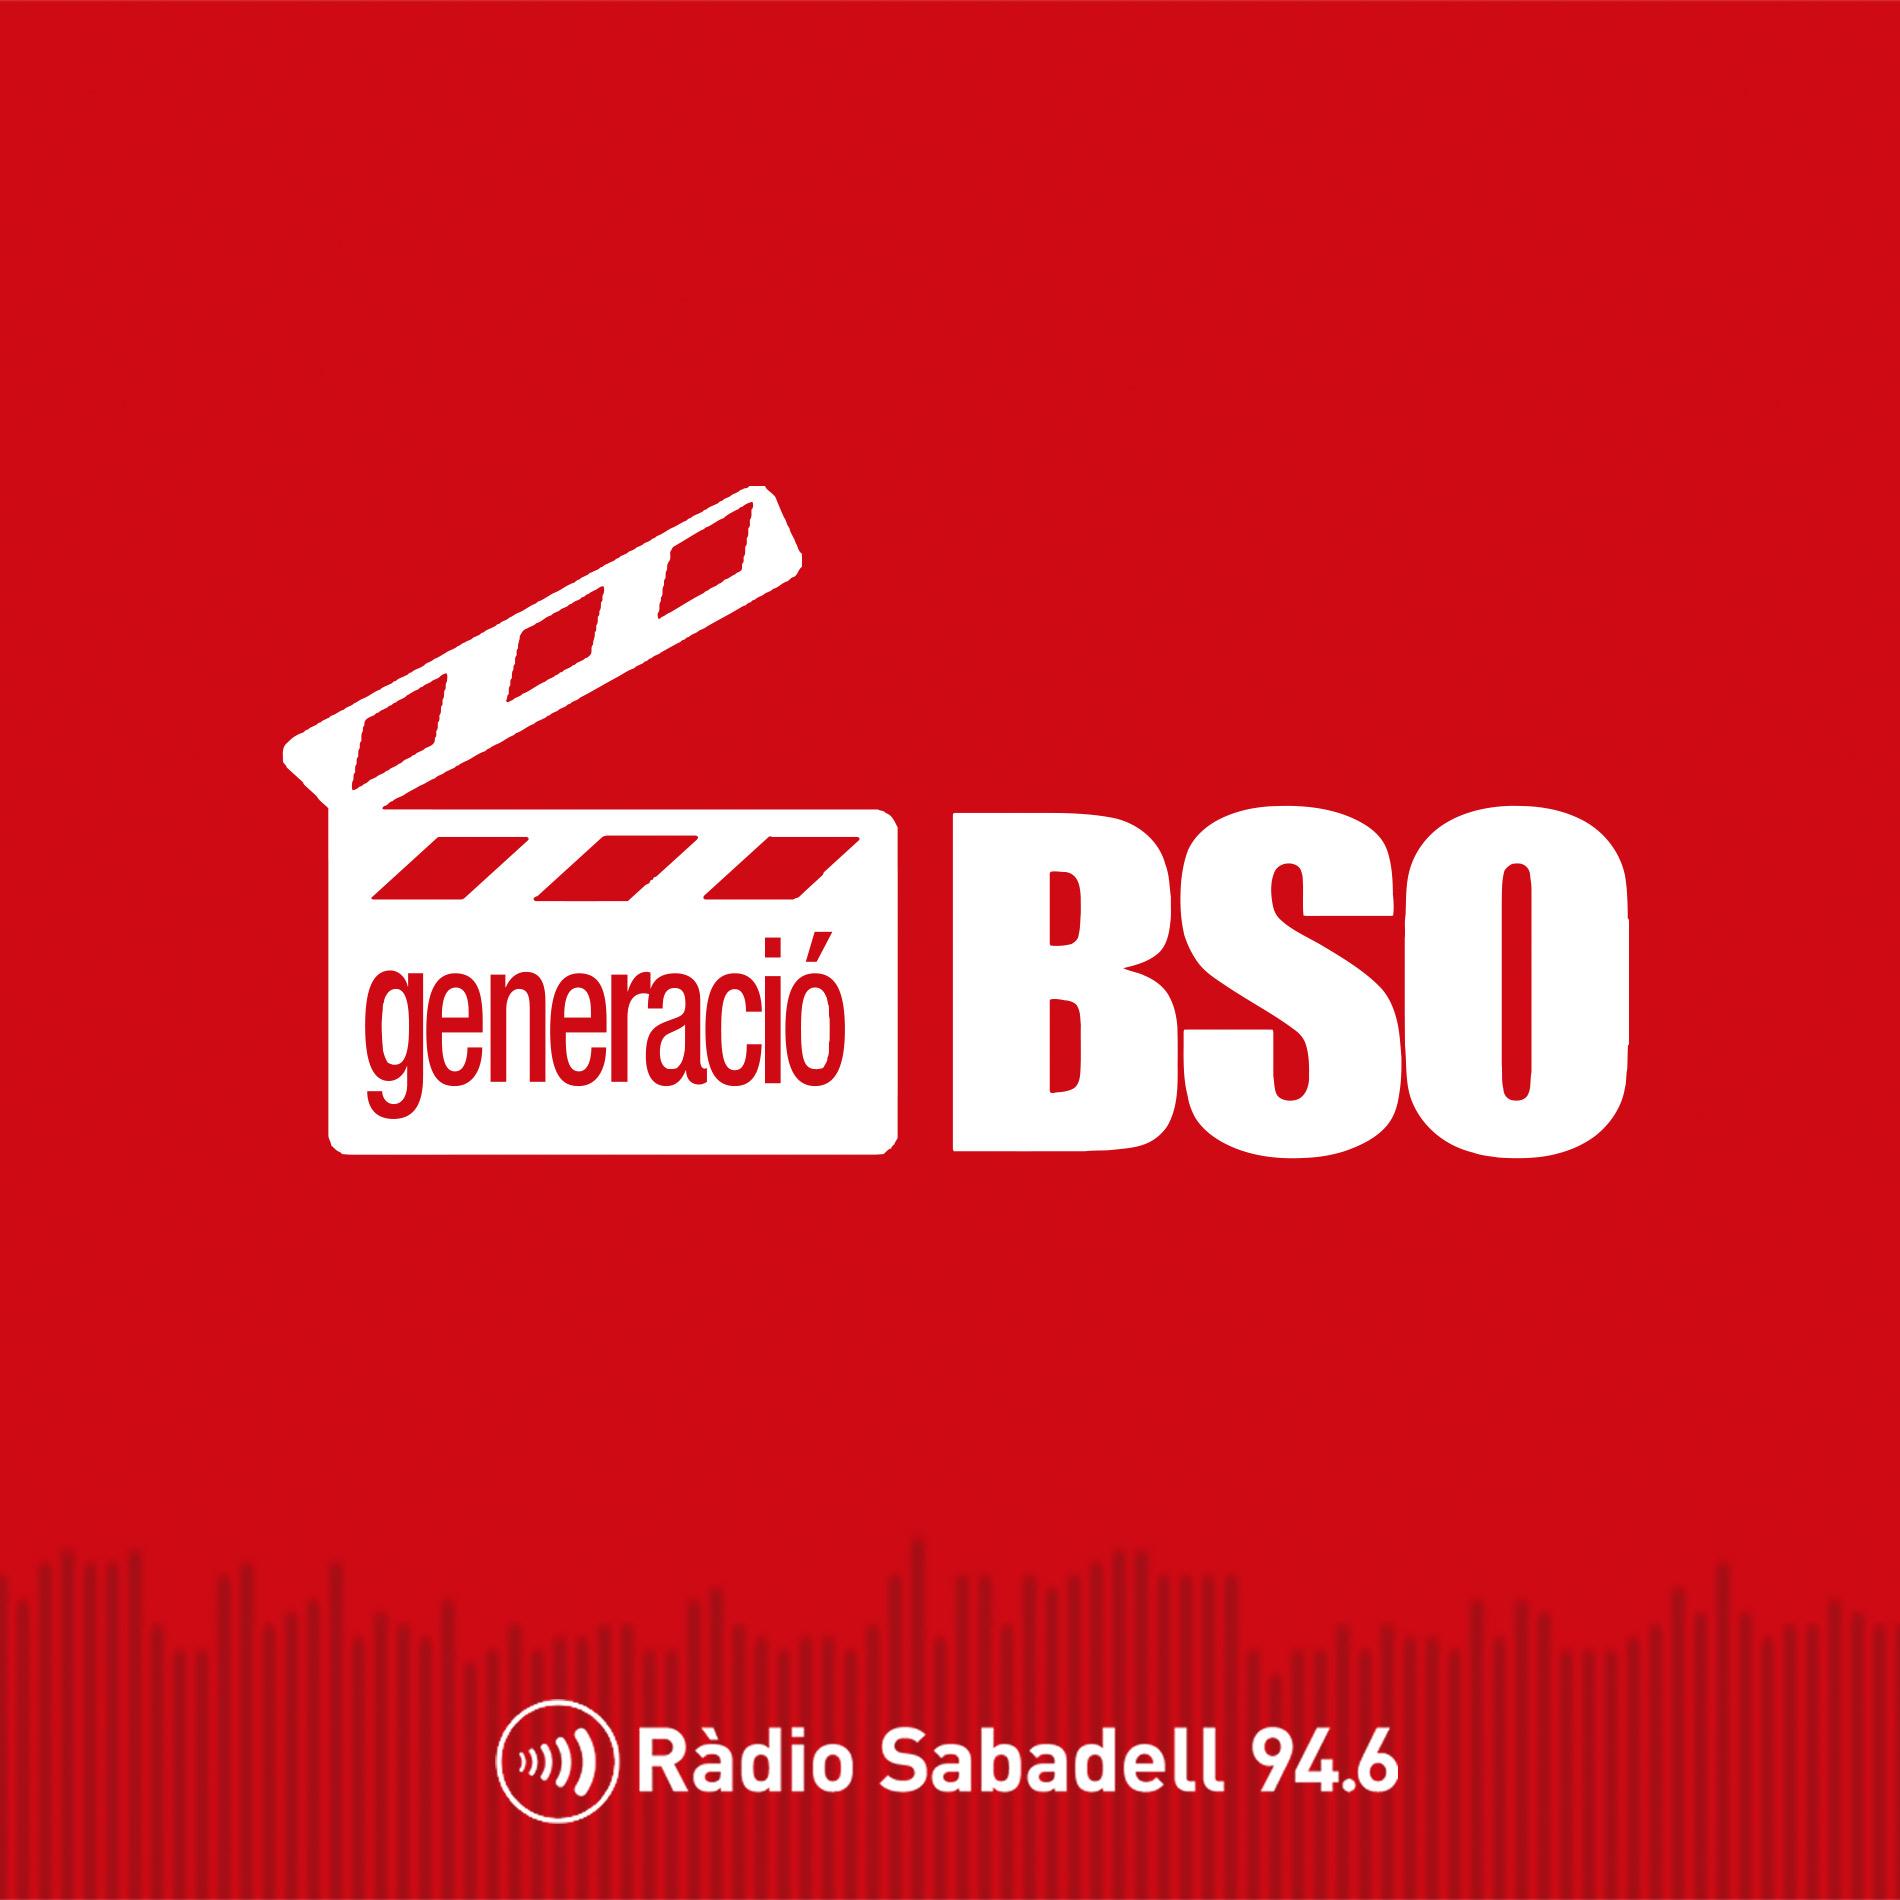 Generació BSO